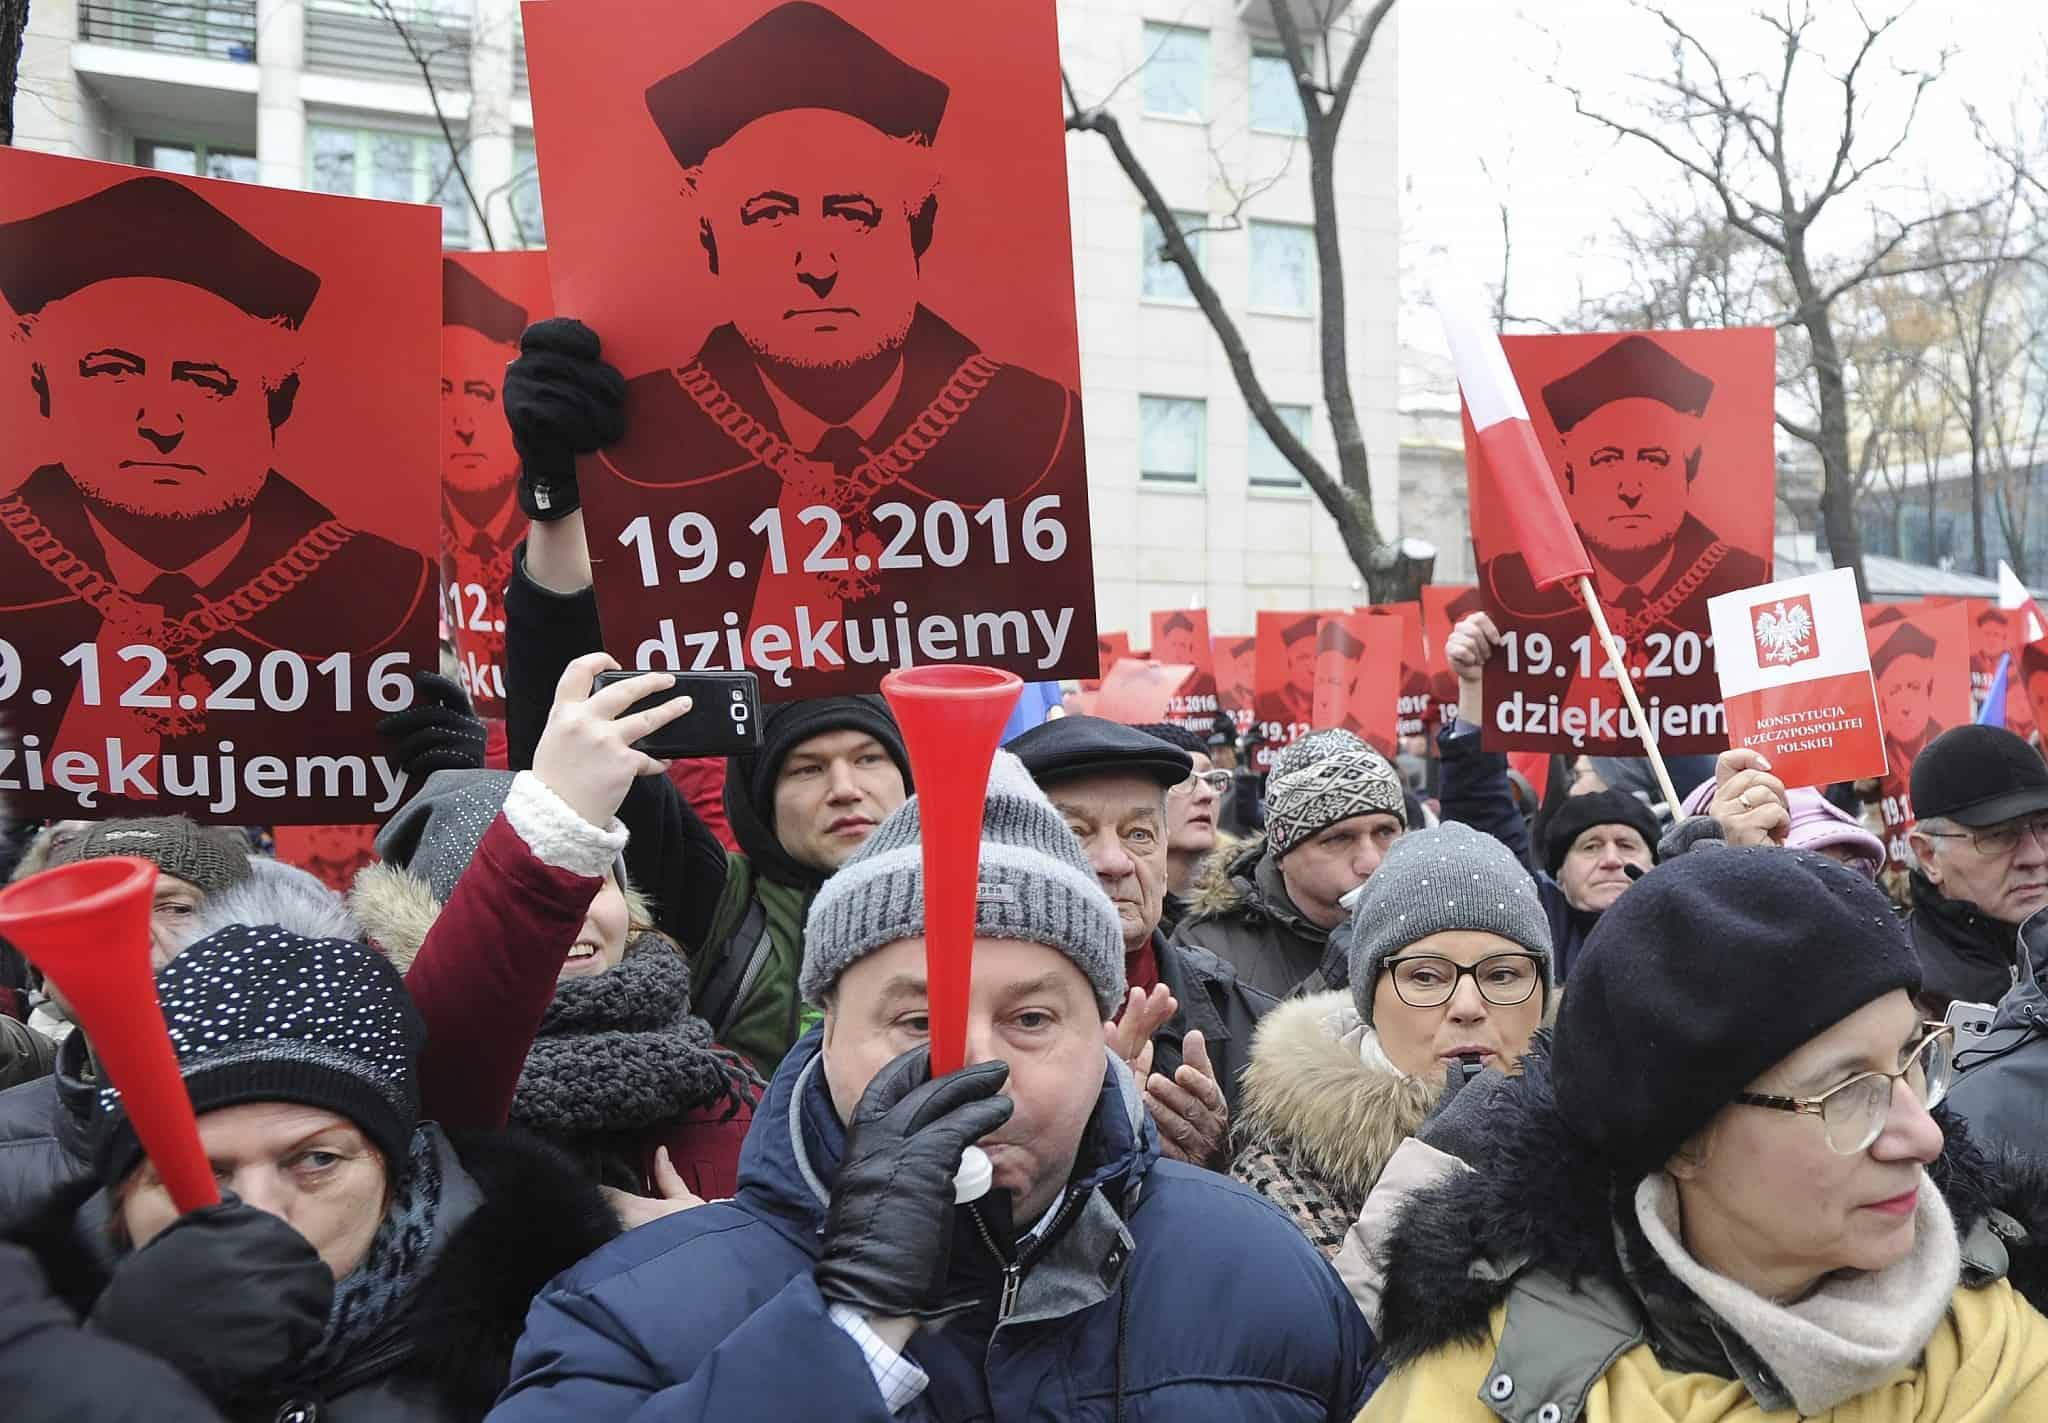 הפגנות בפולין (צילום: (AP Photo/Alik Keplicz))